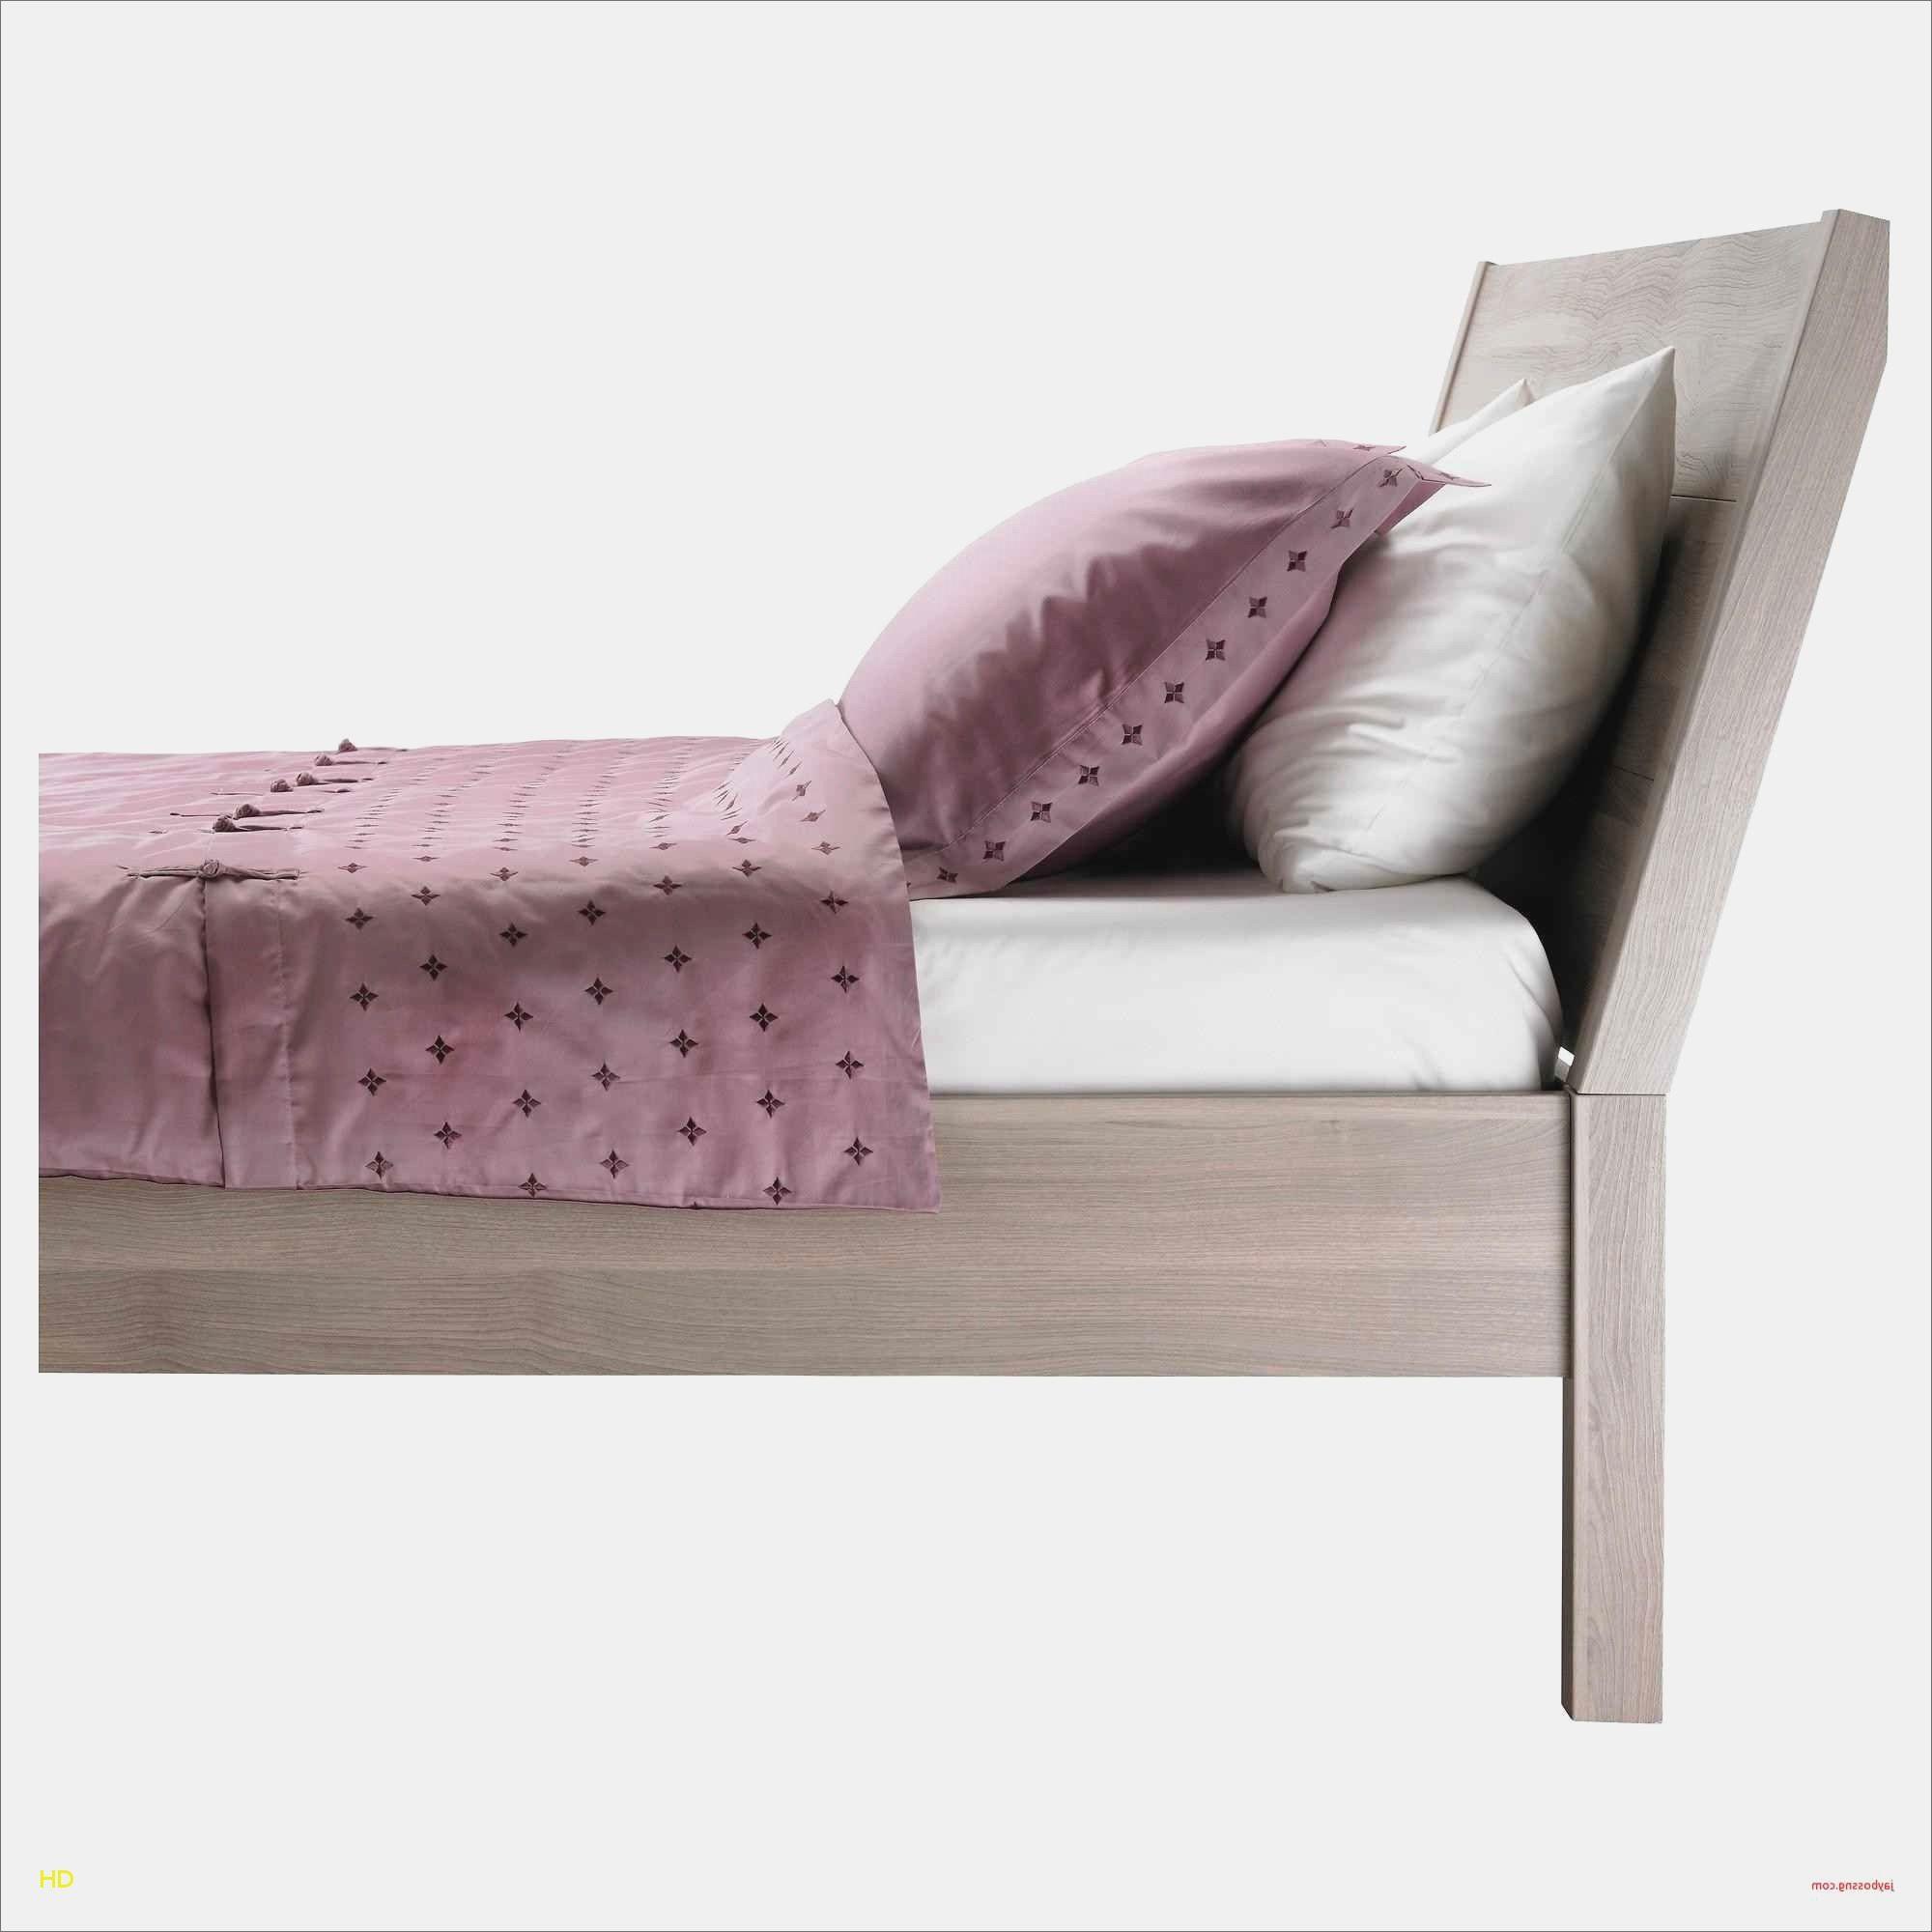 Lit A Barreau Pas Cher Inspiré Joli Chaise Design Pas Cher Avec Chaise Barreaux Barreau De Chaise